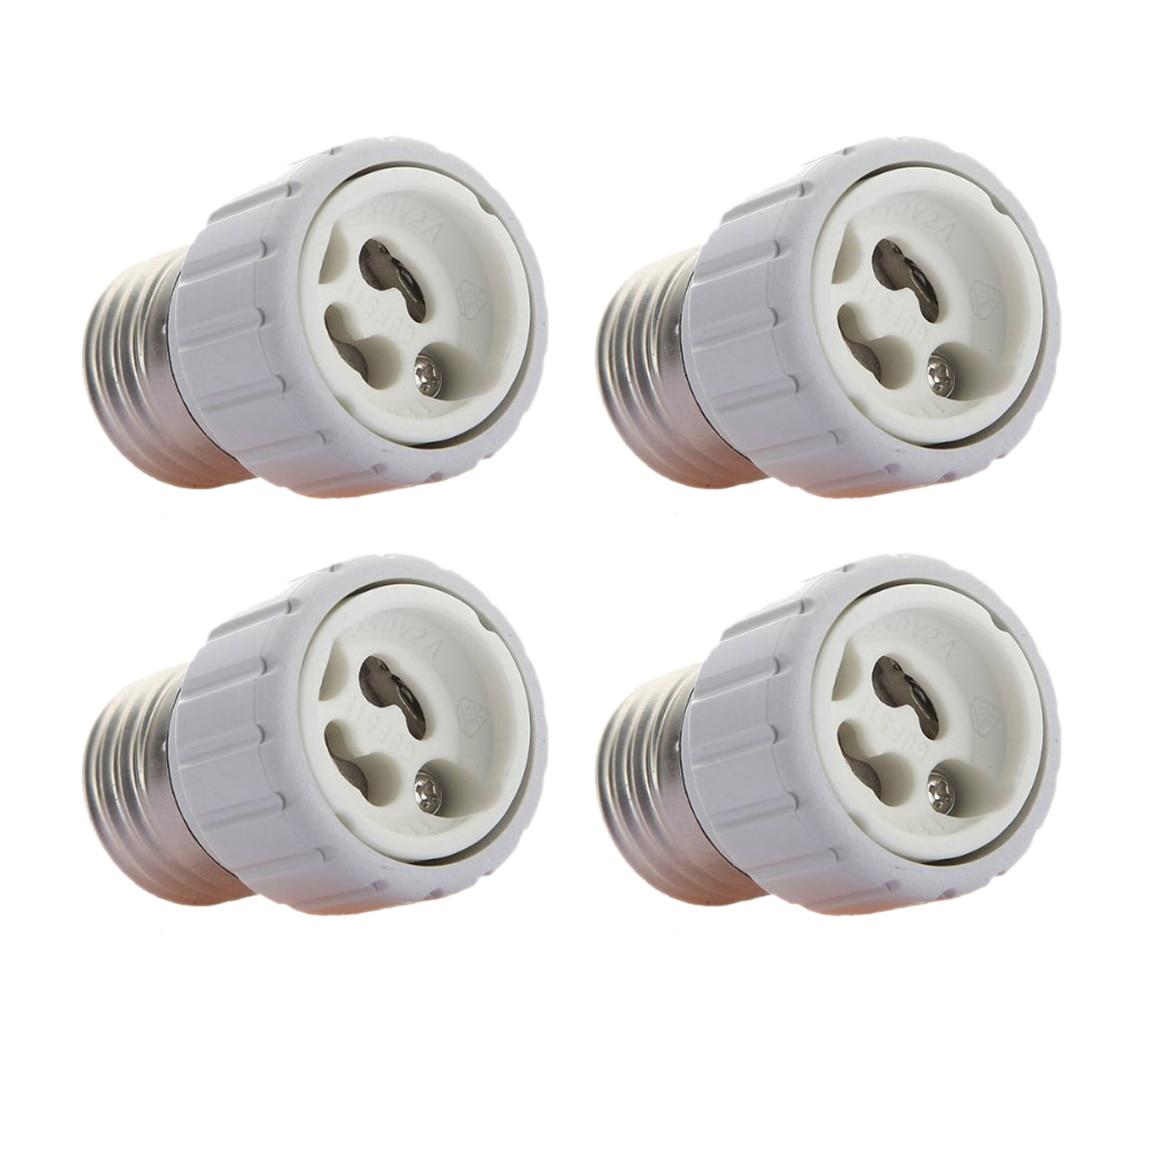 MYLB-4x E27 to GU10 LED light socket adapter socket adapter lamp bulb Converter White